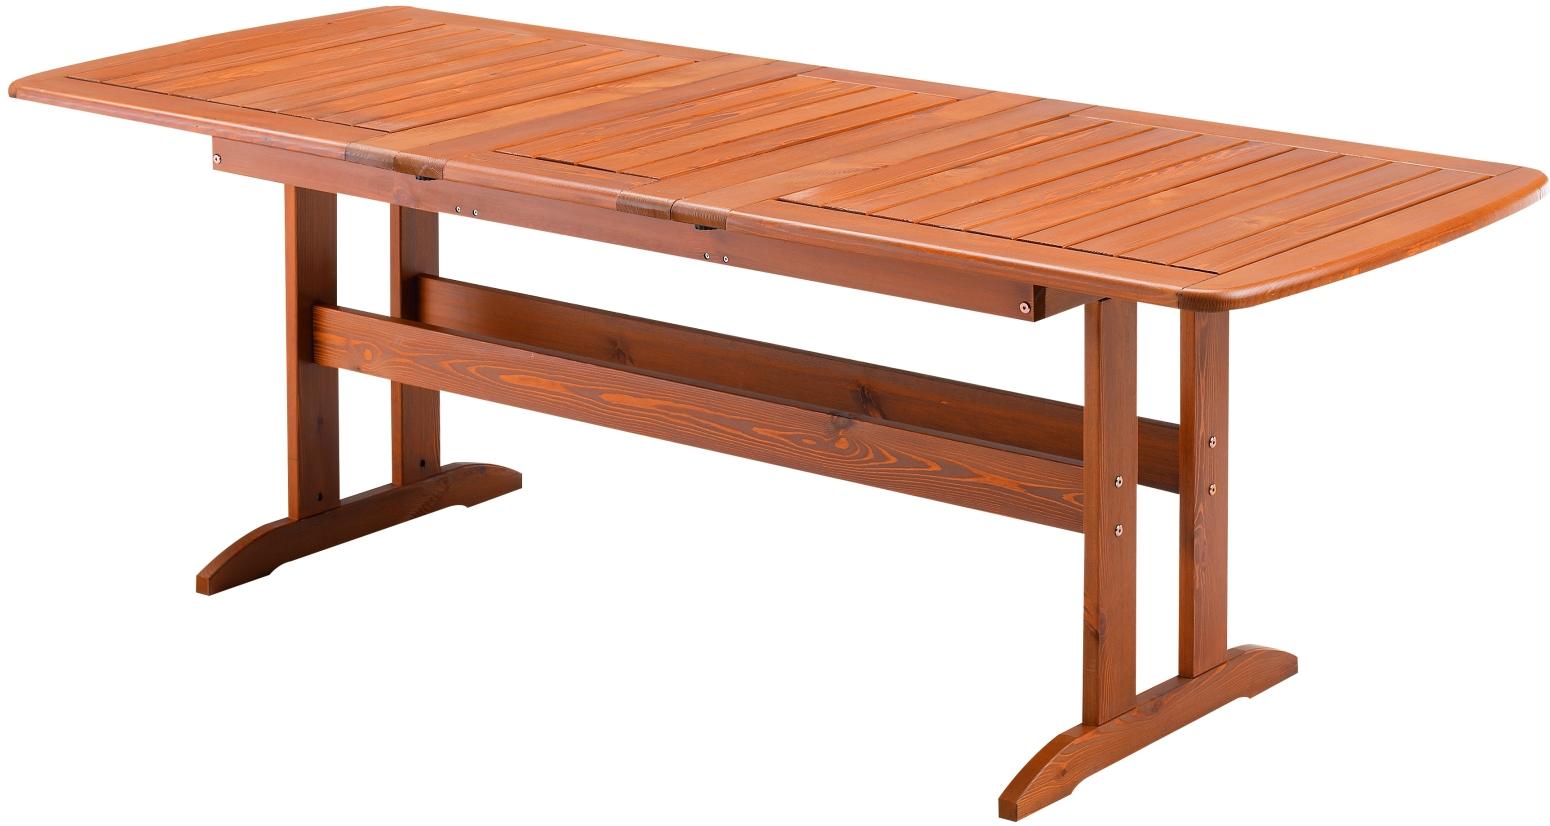 Záhradný stôl - Doppler - Worthersee - 261WS10107